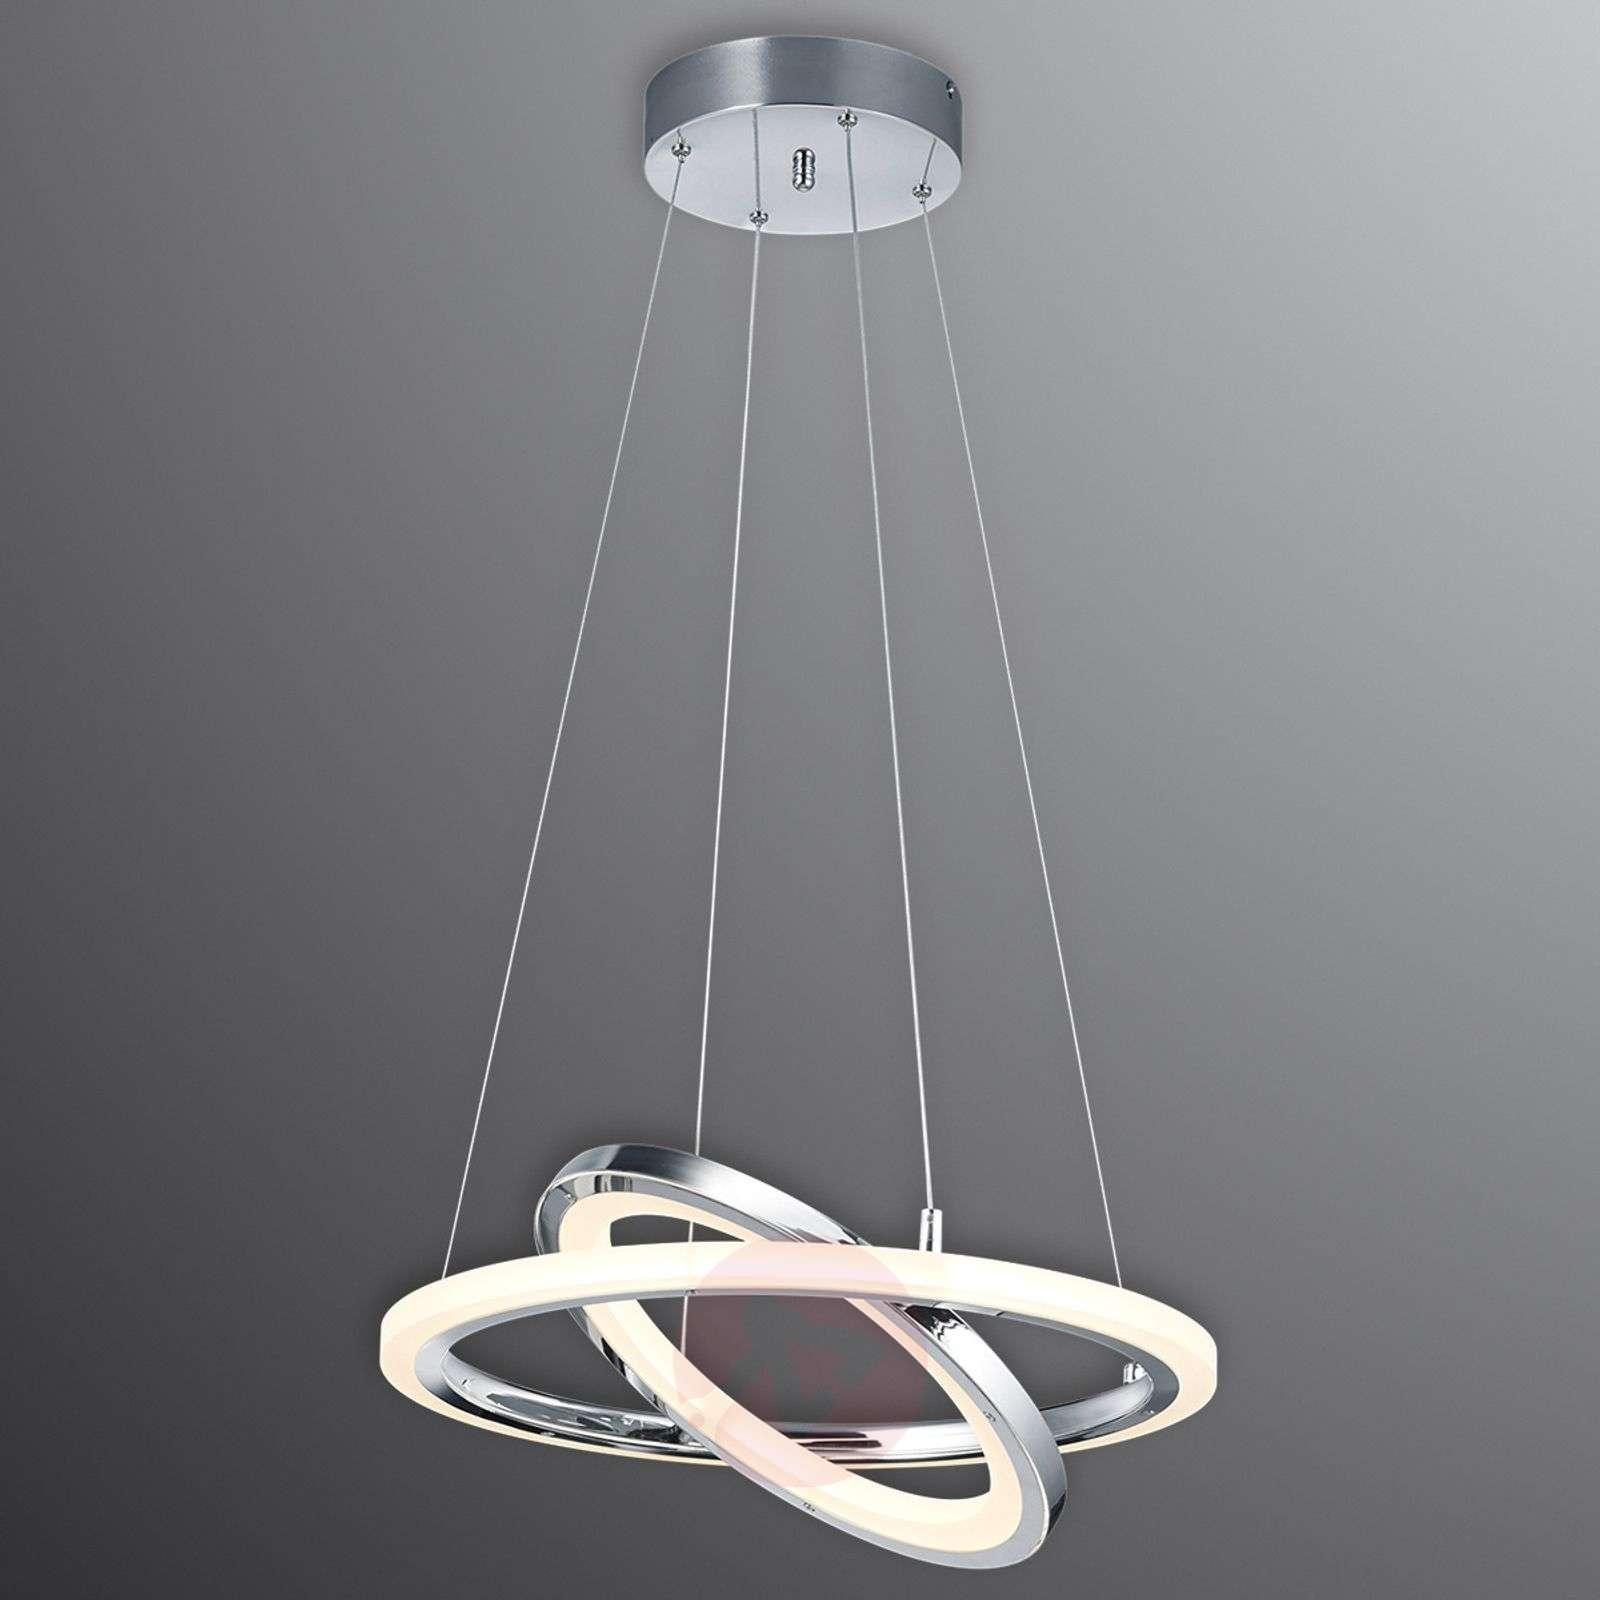 Extravagant saturn led pendant light lights extravagant saturn led pendant light 9005131 01 aloadofball Images